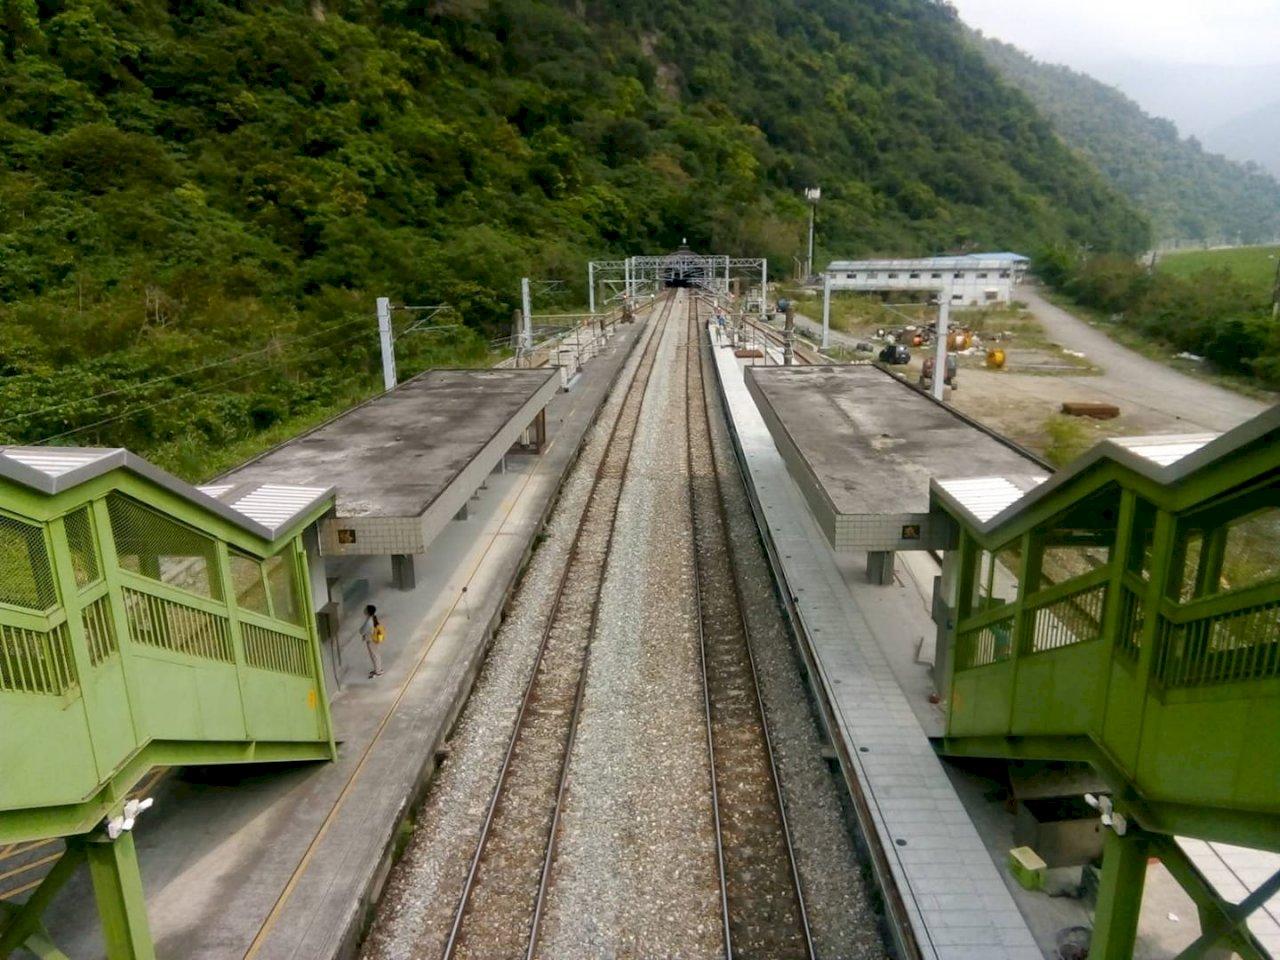 台鐵臨軌工程全面停工 勞動部特檢完成才可復工